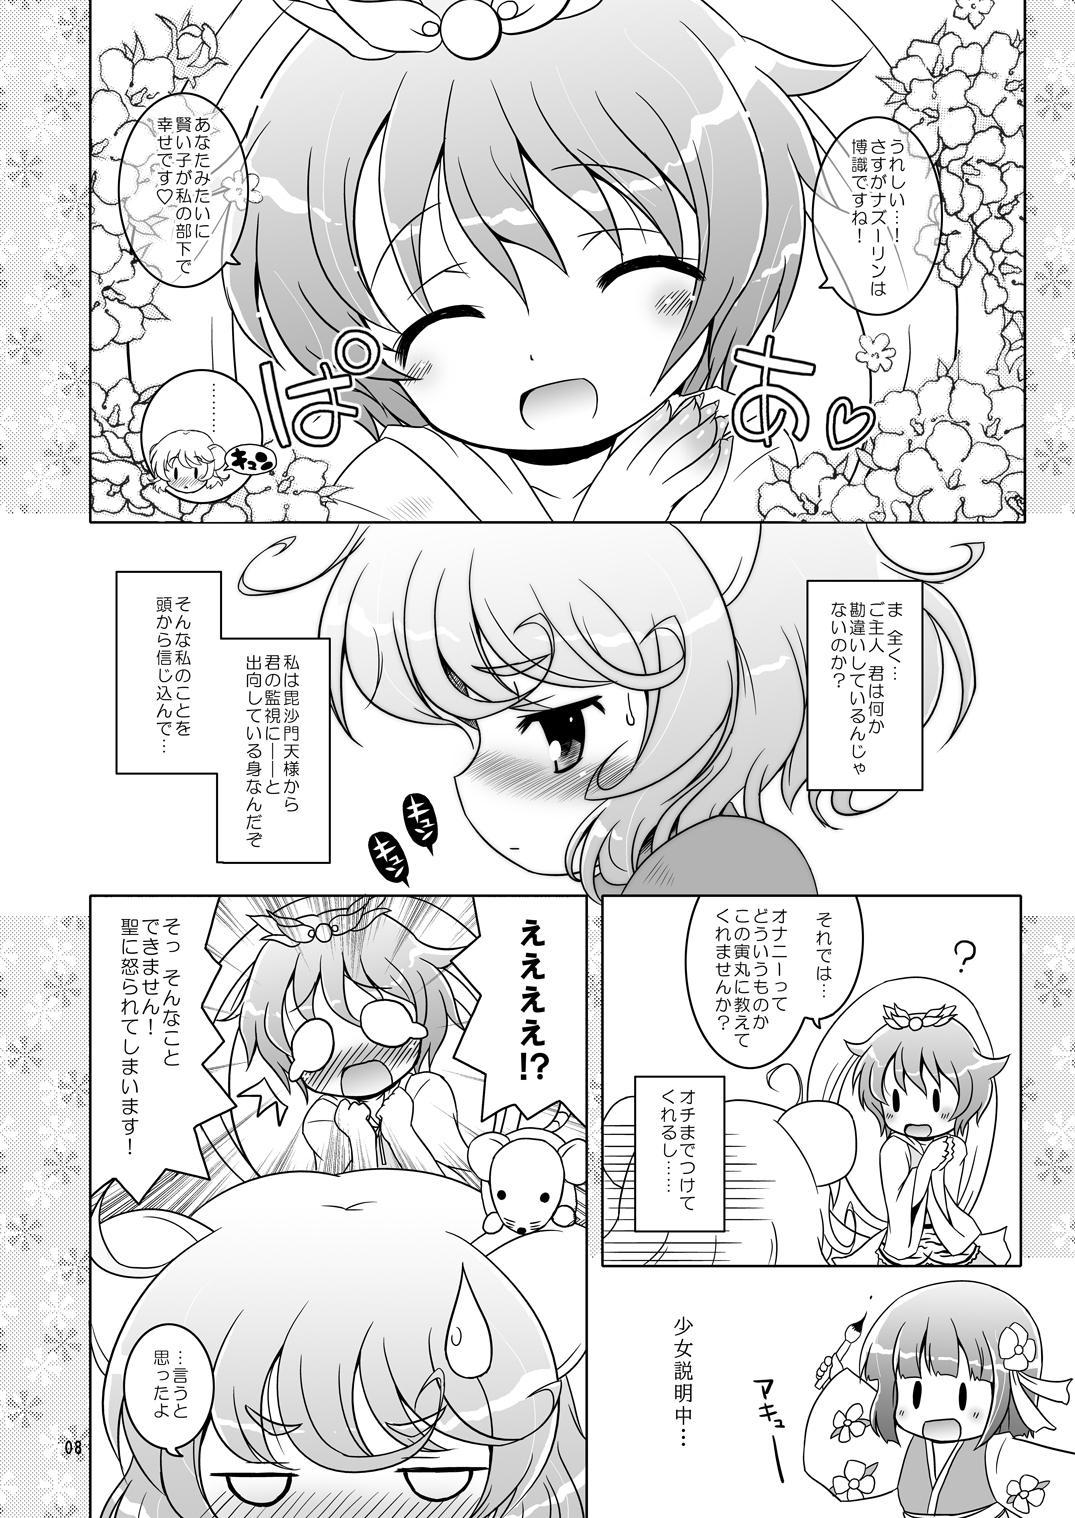 Watashi no Nazrin 6